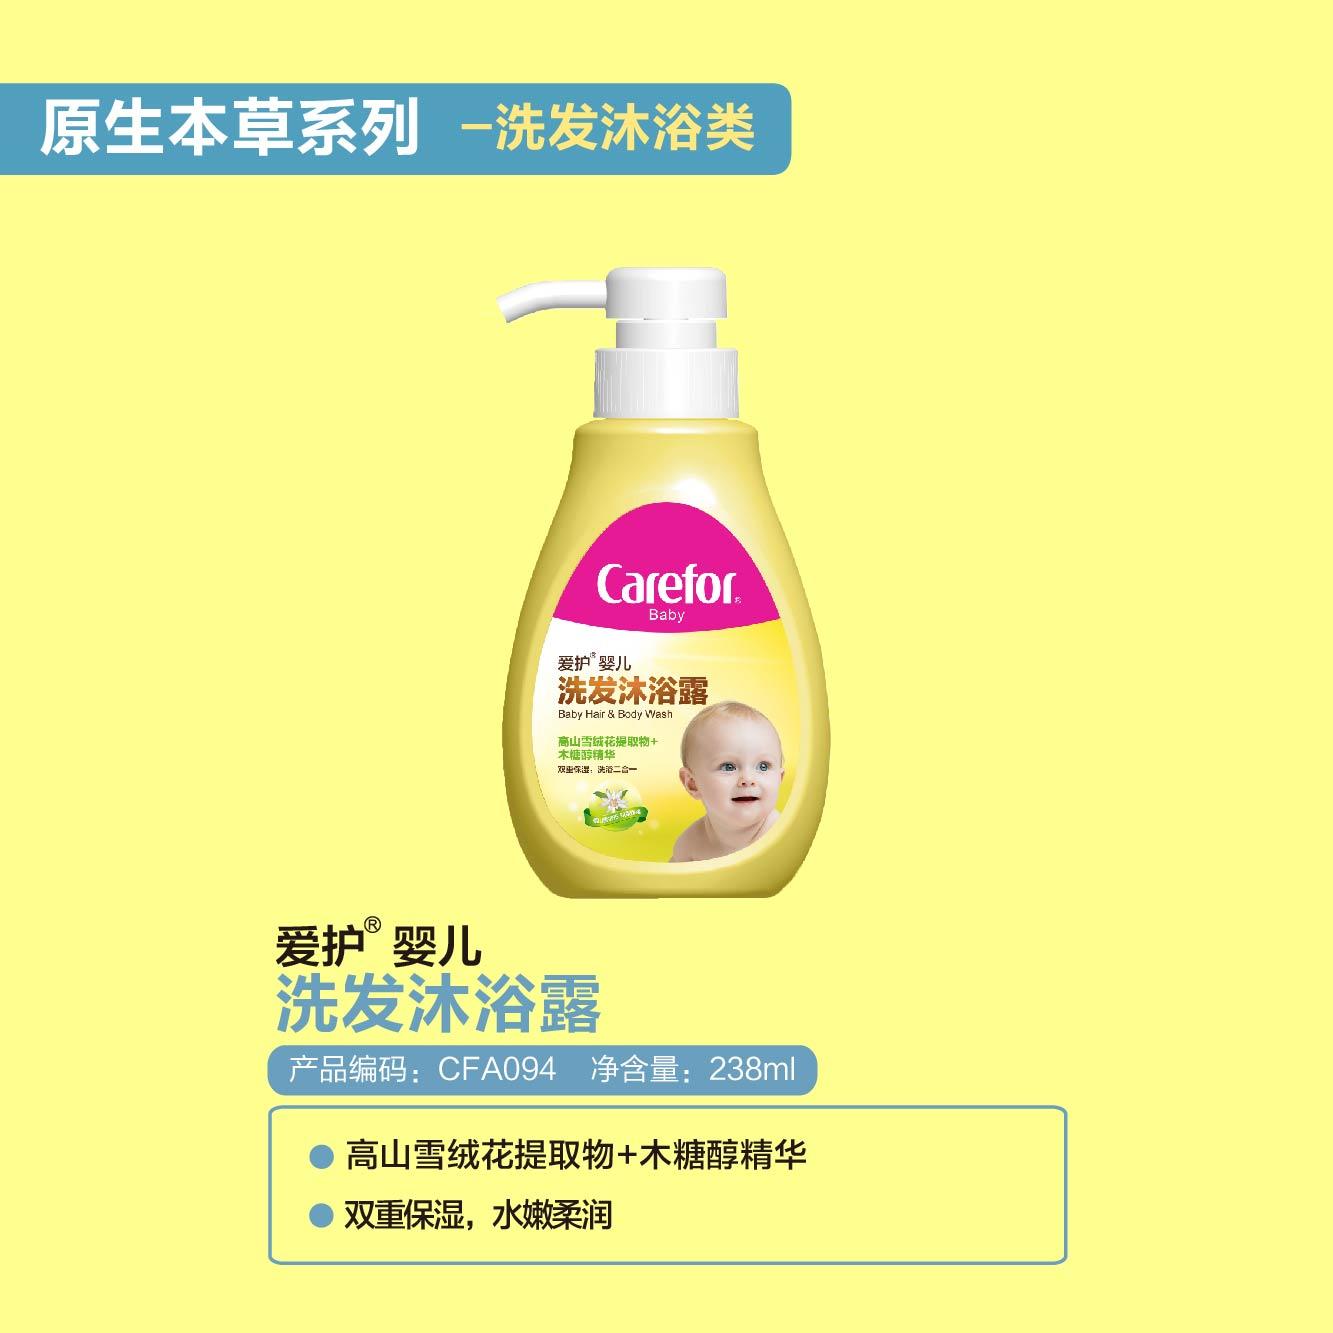 爱博体育app下载婴儿洗发沐浴露